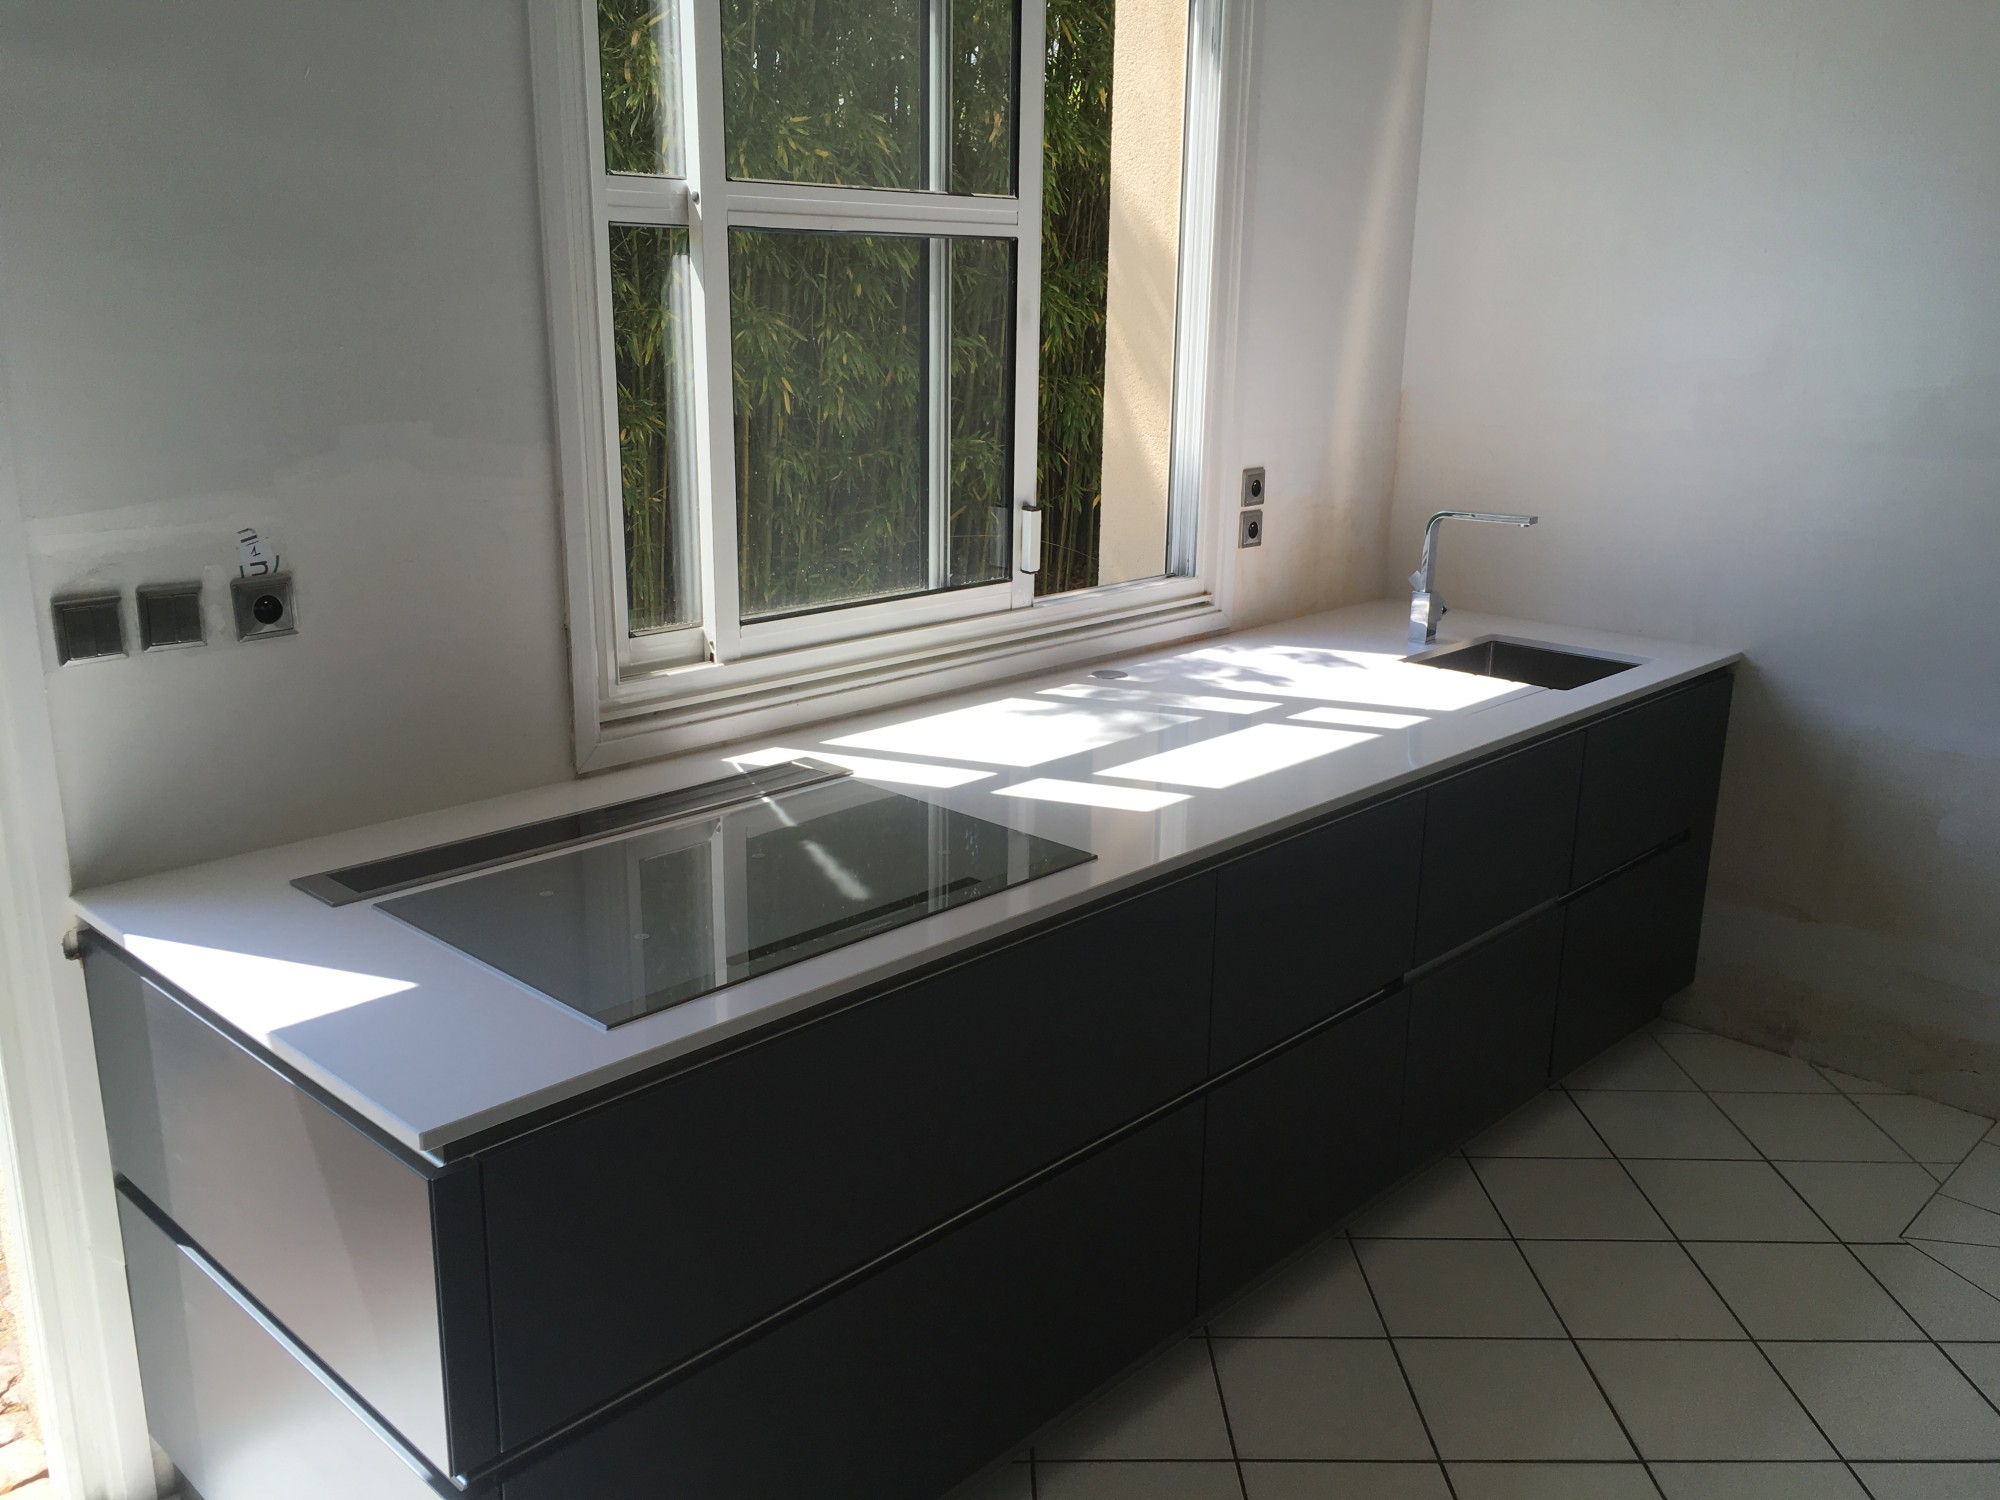 realisations de plans de travail par hm deco en quartz silestone blanco zeus autour de bordeaux. Black Bedroom Furniture Sets. Home Design Ideas